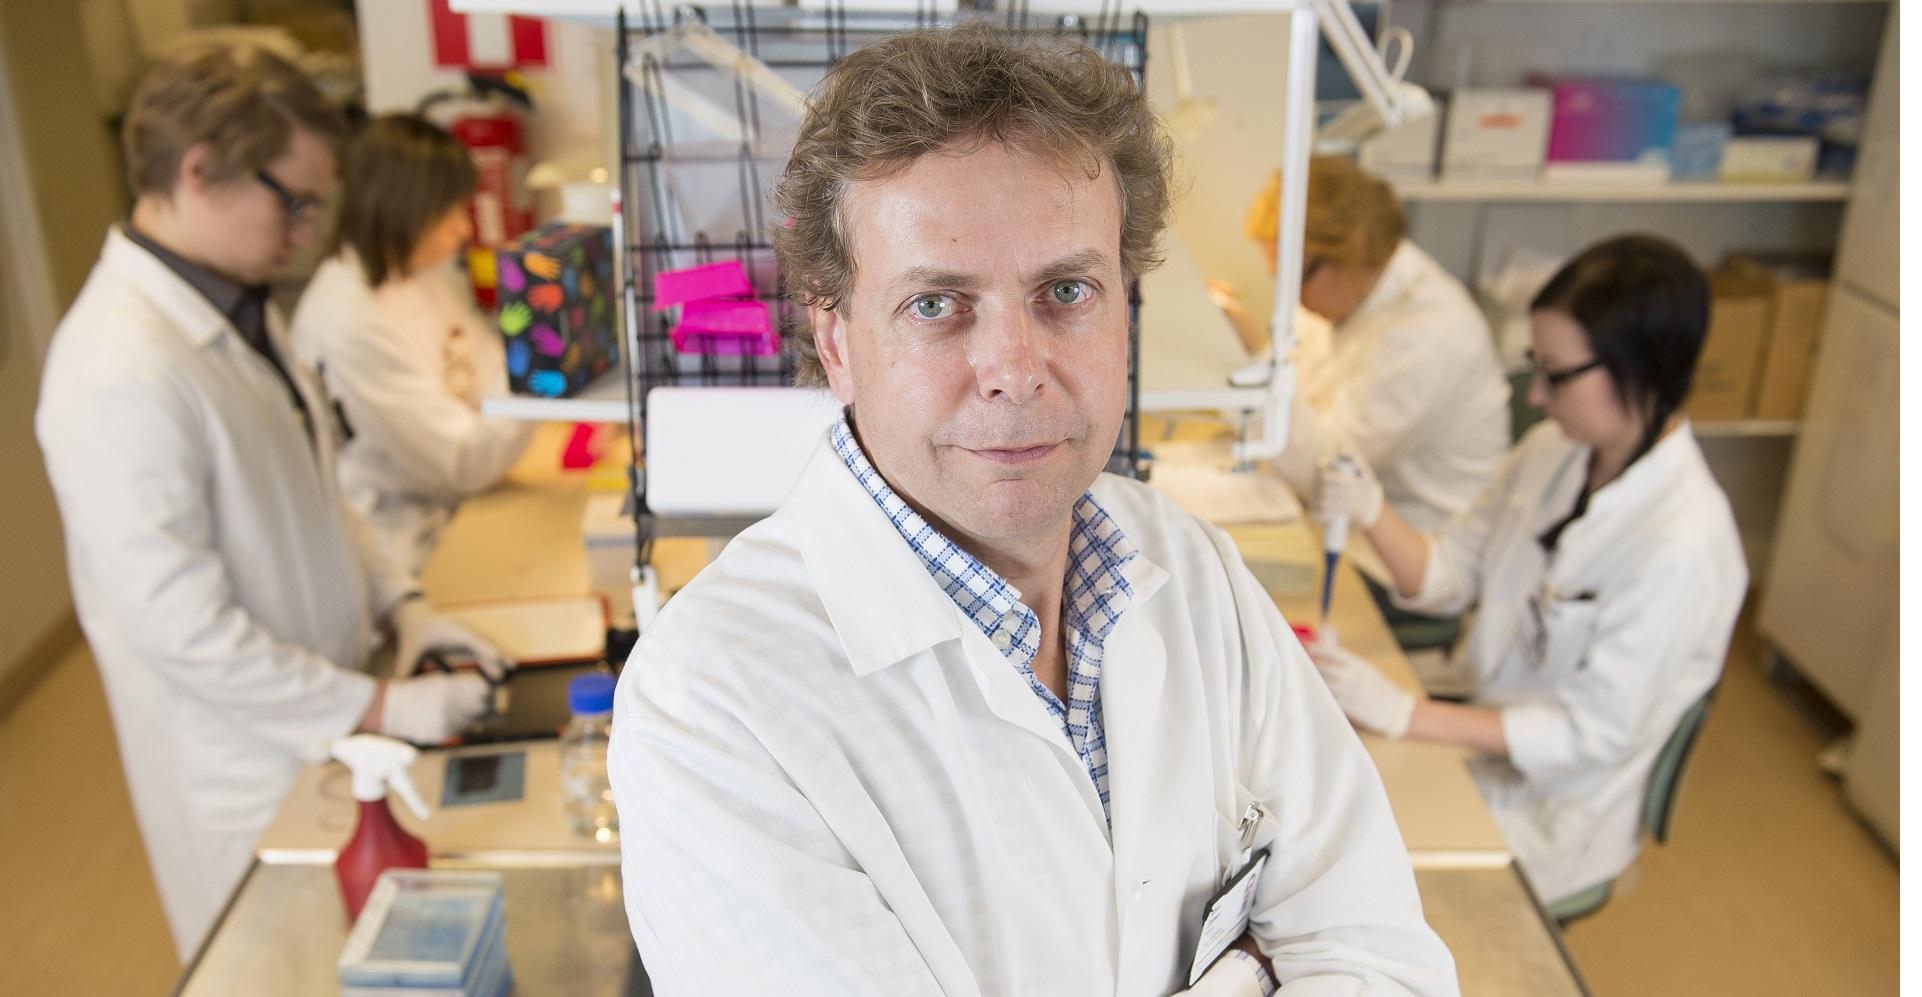 Lääketieteellinen tutkimus yhä enemmän säätiörahoituksen varassa: kliininen tutkimus vähentynyt